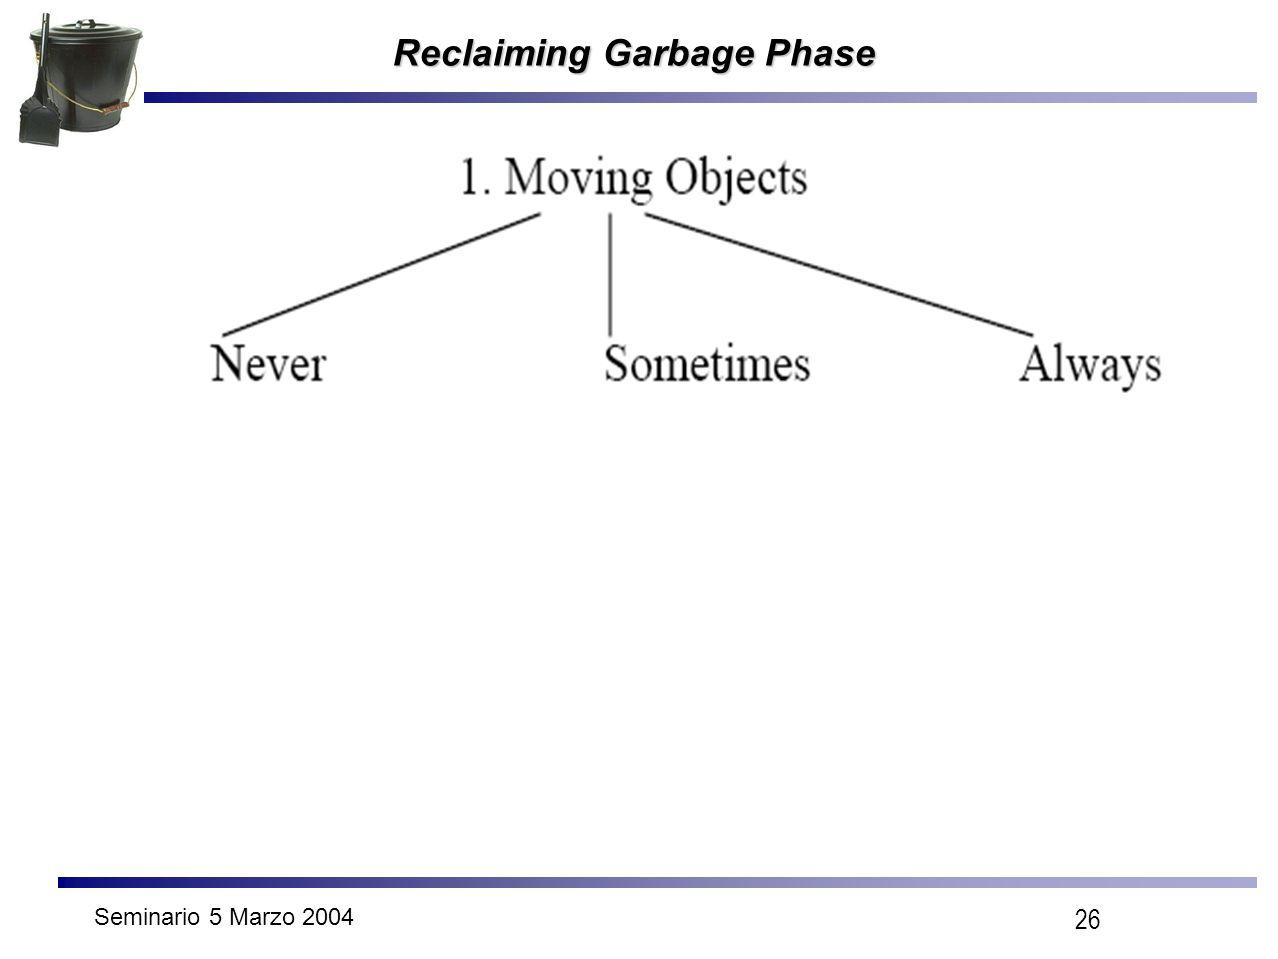 Seminario 5 Marzo 2004 26 Reclaiming Garbage Phase